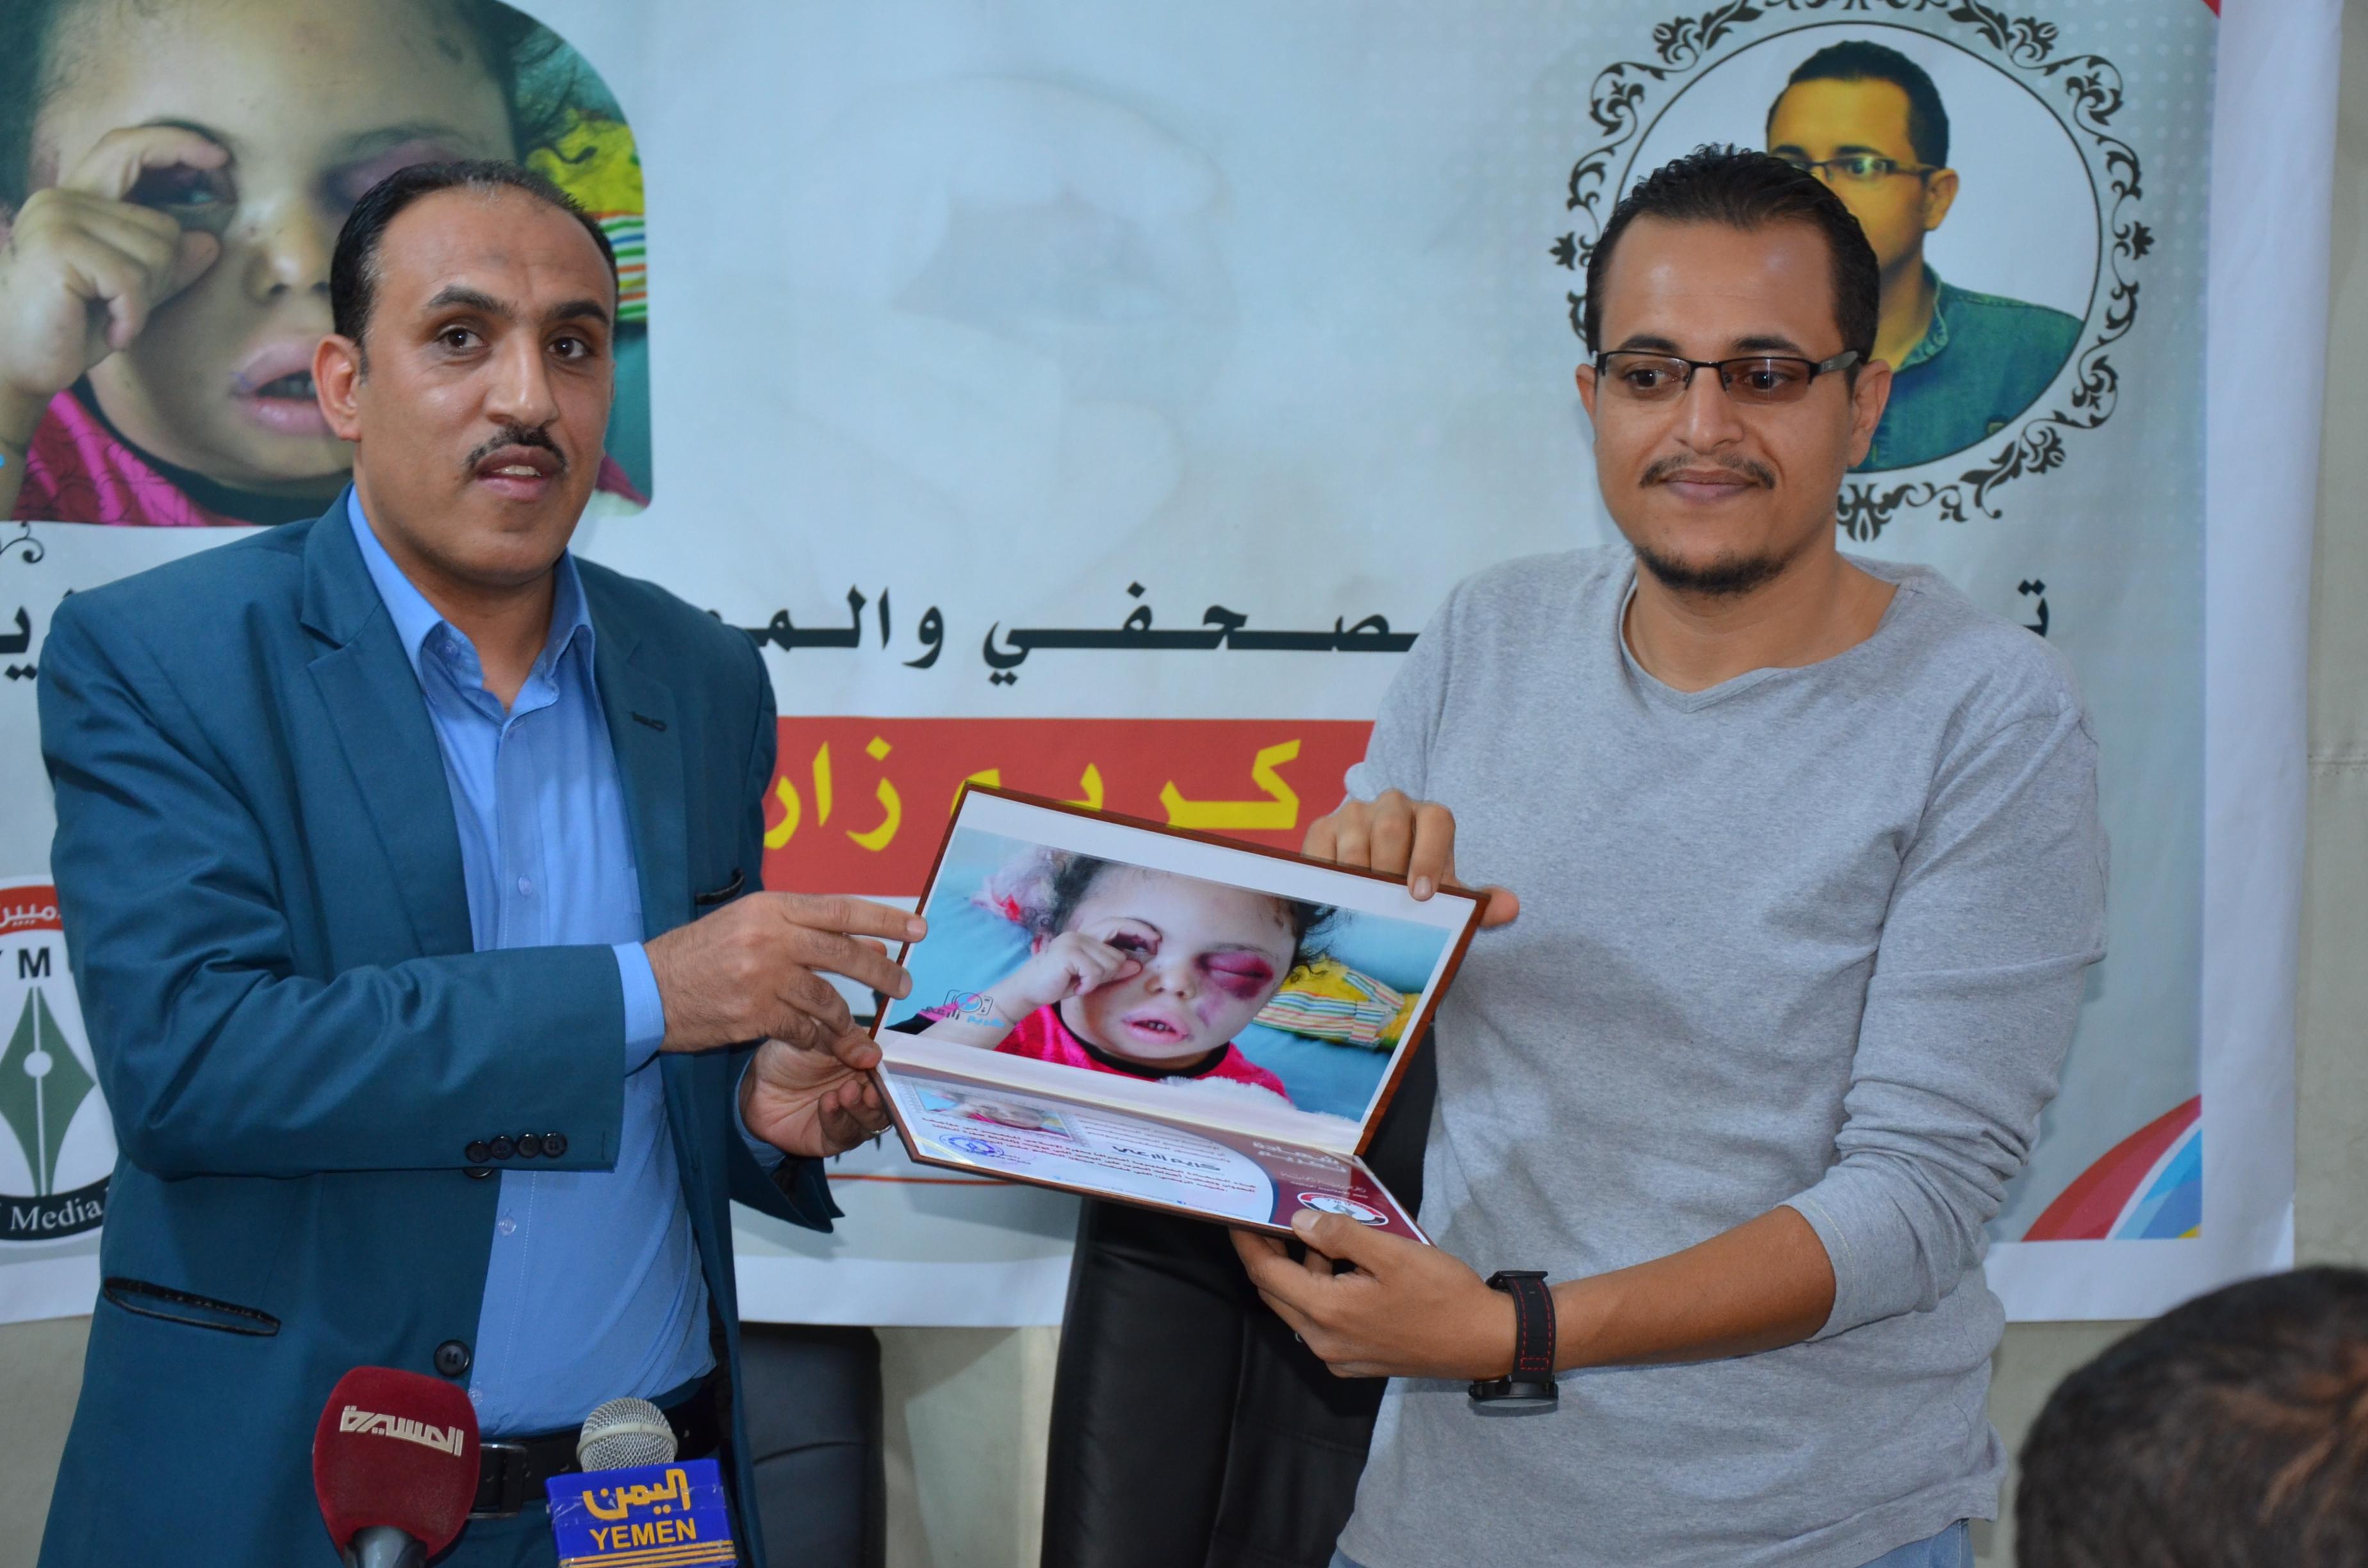 اتحاد الإعلاميين اليمنيين يكرم الصحفي والمصور كريم الزارعي